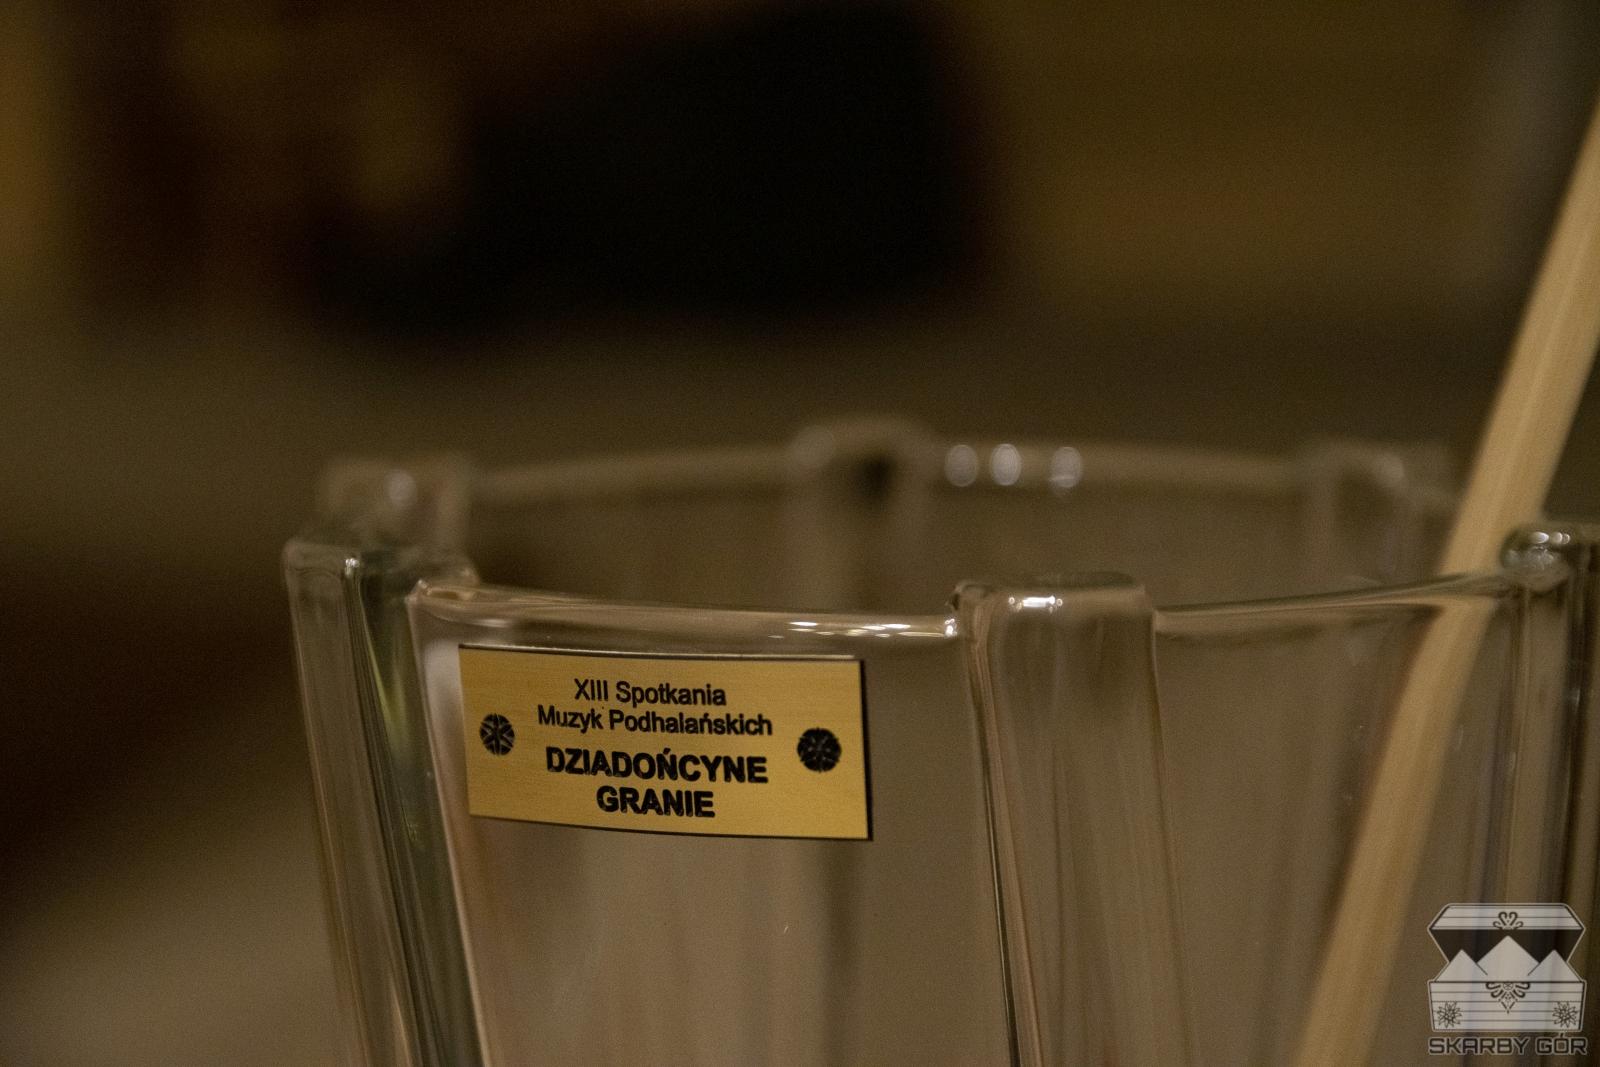 Nagroda w XIII Spotkaniu Muzyk Podhalańskich Dziadońcyne Granie